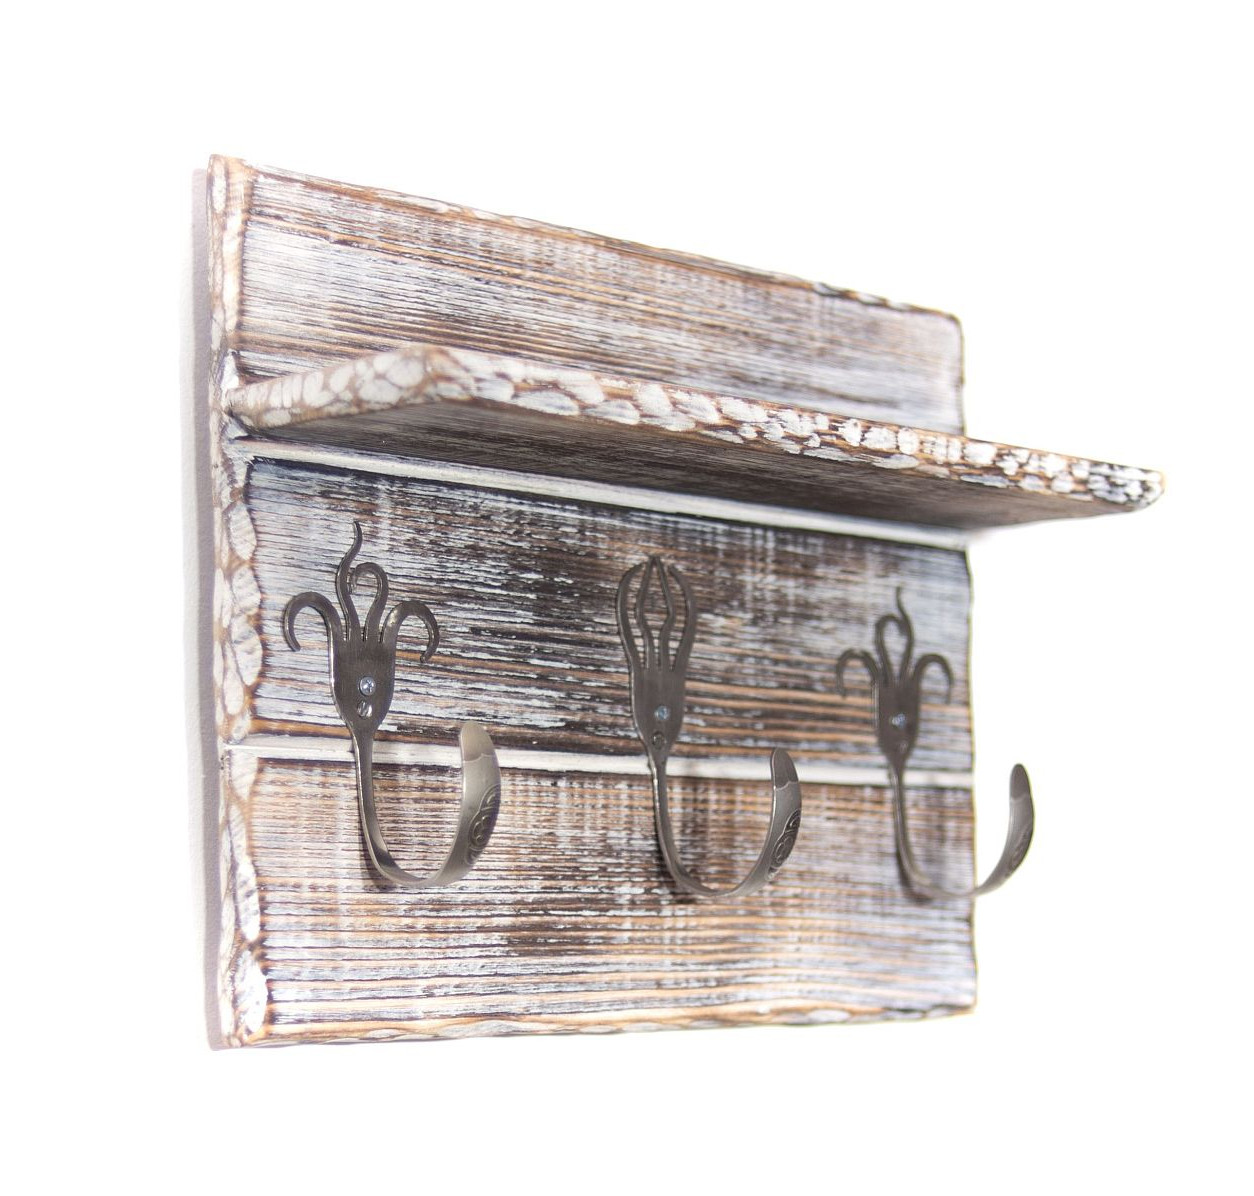 Full Size of Dandibo Handtuchhaken Handtuchleiste Mit Ablage 1105 Kleine Küche L Form Tresen Bodenfliesen Nischenrückwand Bodenbelag Was Kostet Eine Gardinen Ohne Wohnzimmer Küche Handtuchhalter